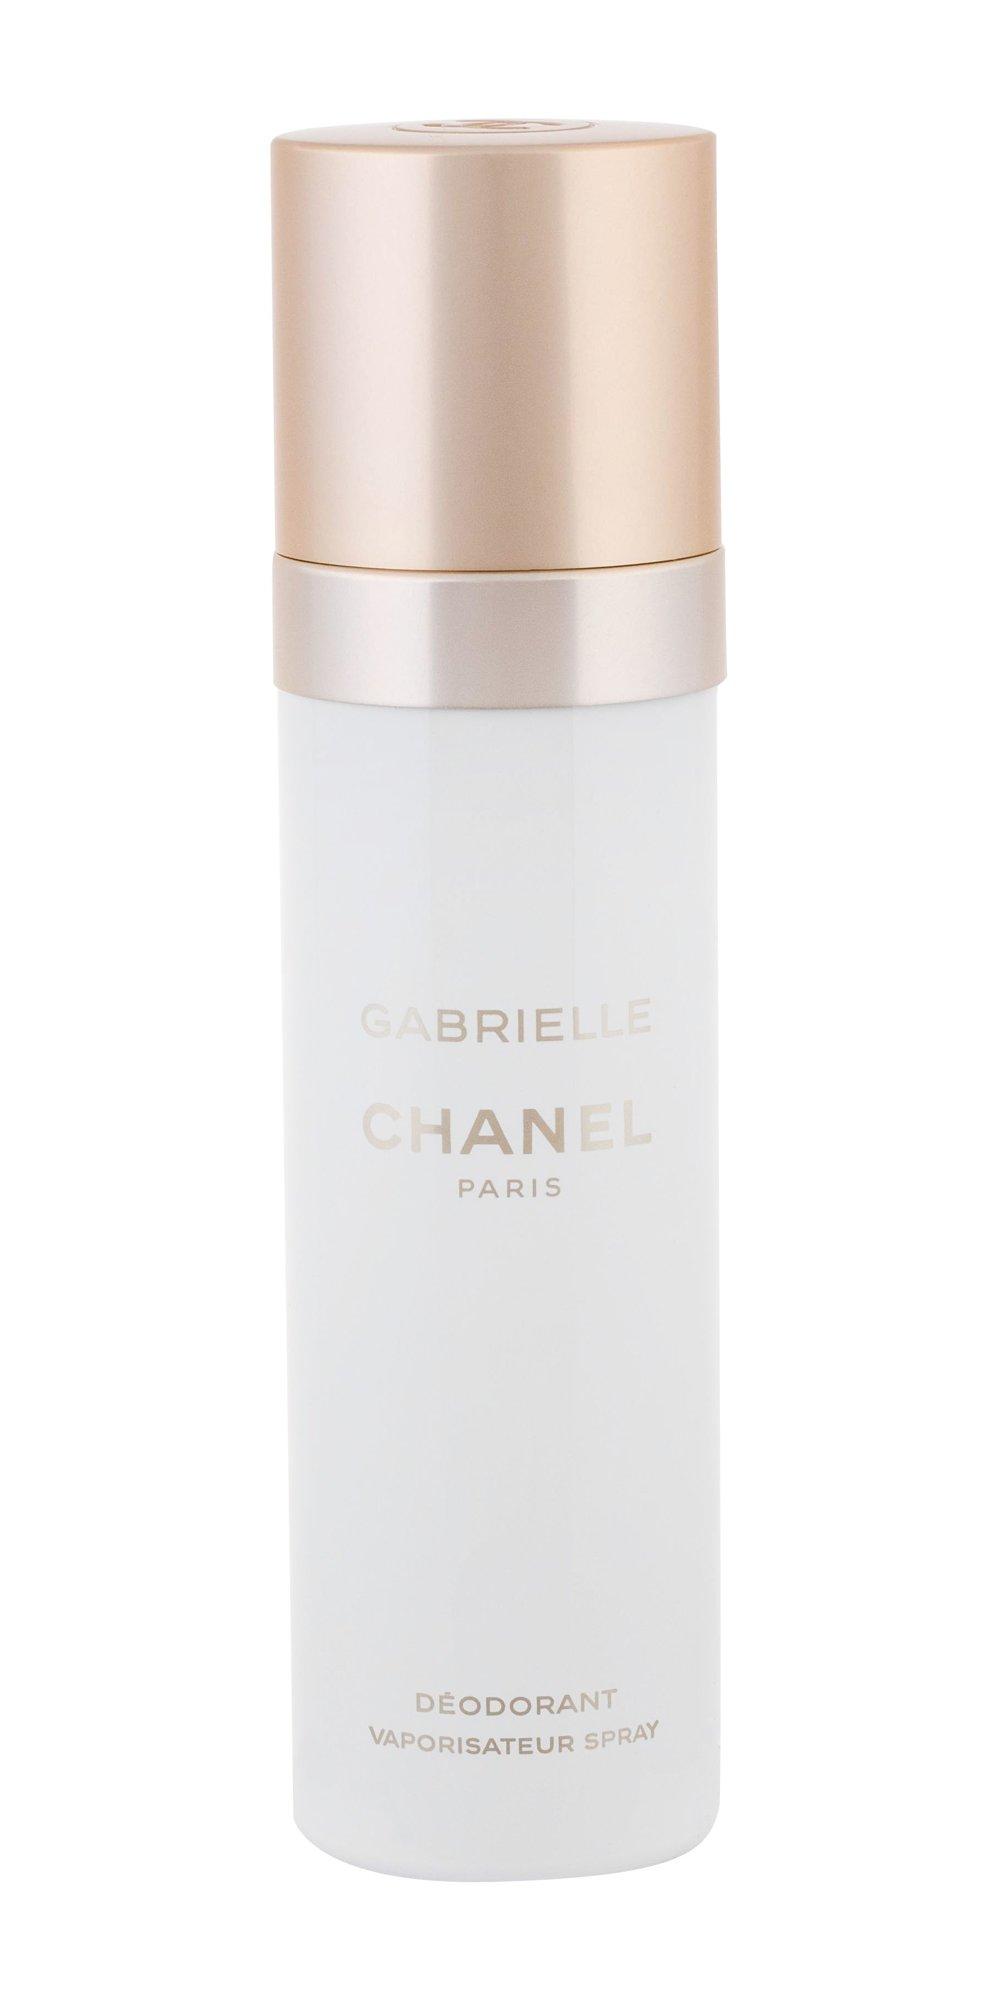 Chanel Gabrielle Deodorant 100ml